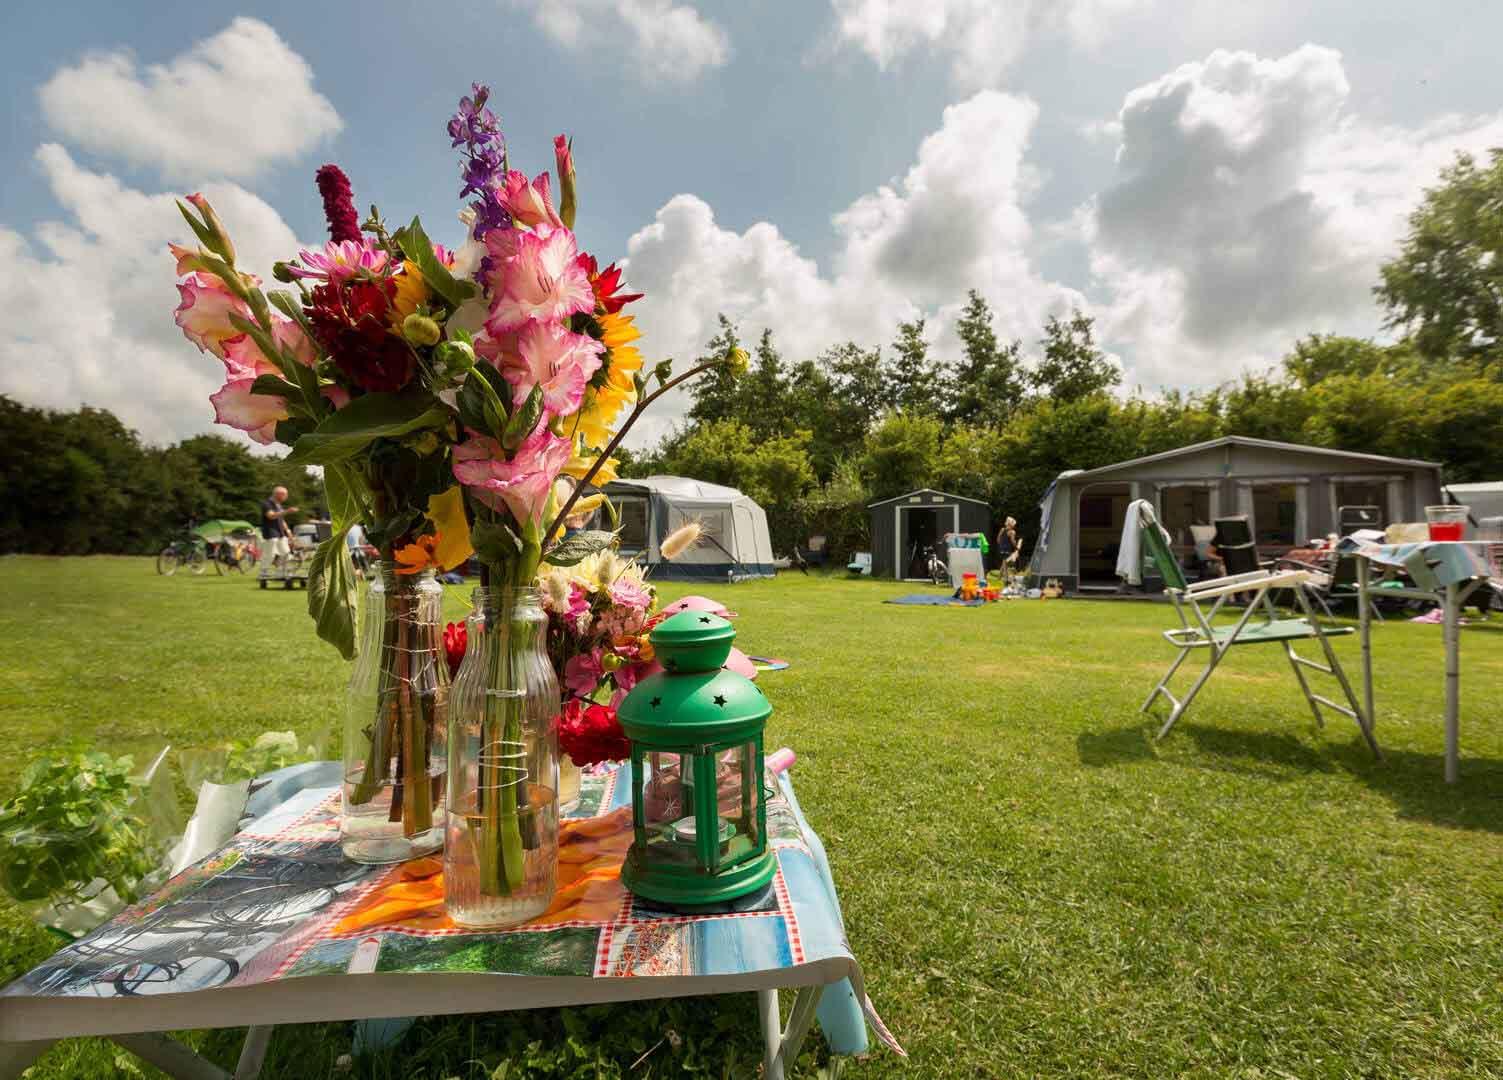 Zeeland Campingplatz